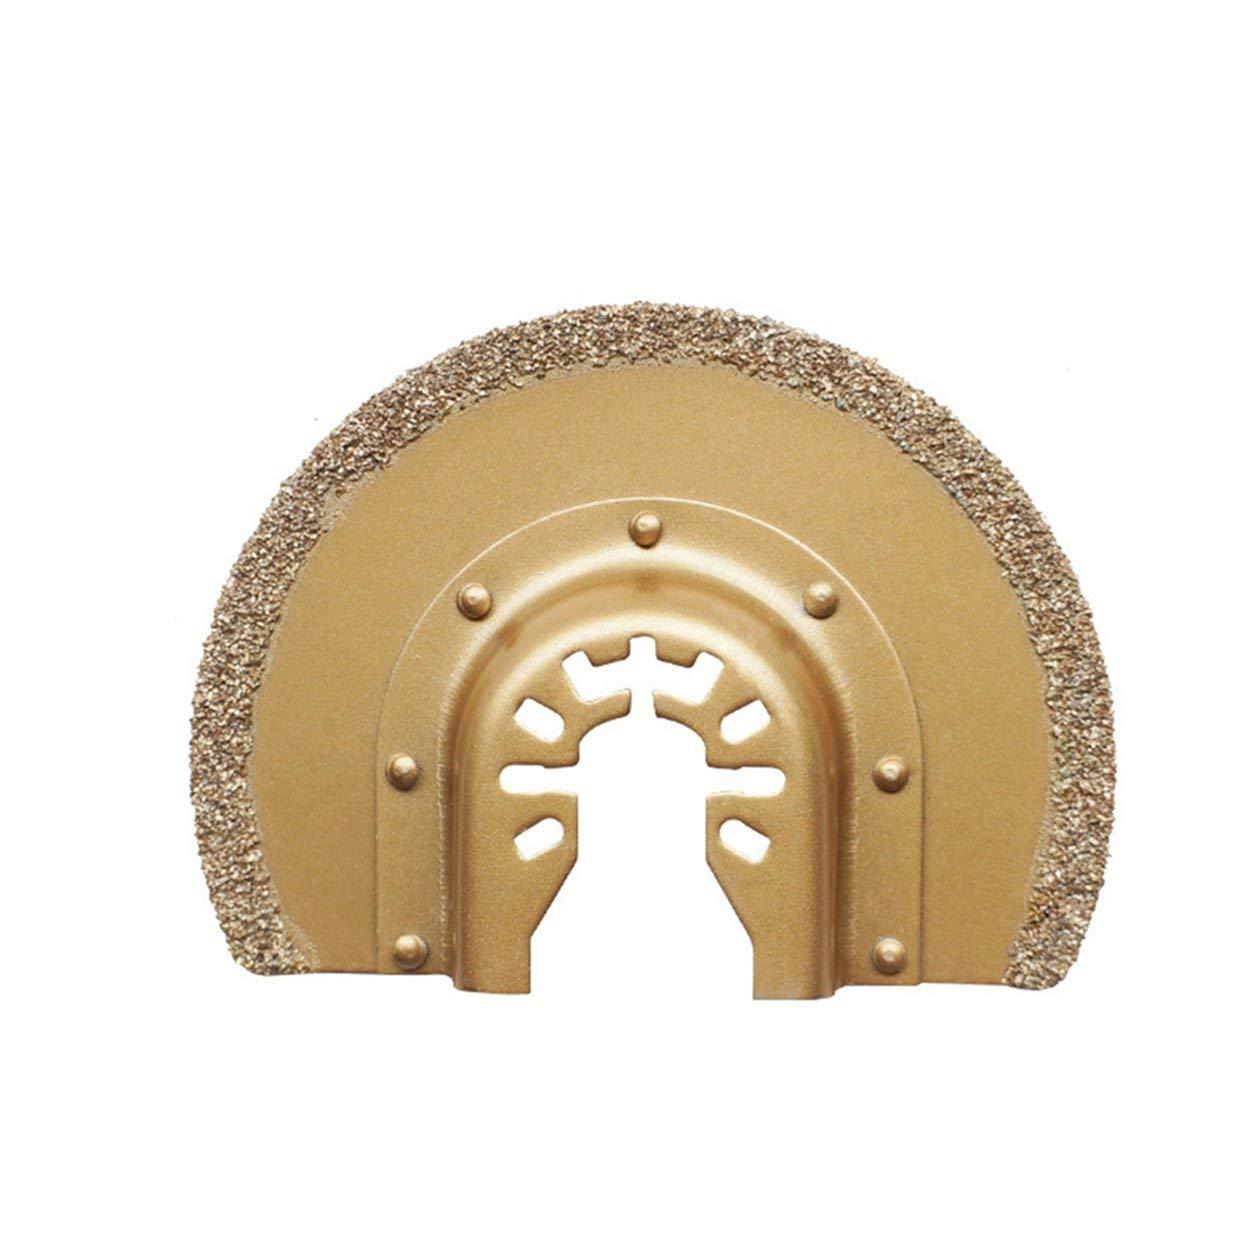 BIYI Herramienta de corte oscilante de carburo de diamante de m/últiples funciones Hojas de sierra para cer/ámica Porcelin Azulejo Herramienta de corte de metal Oro